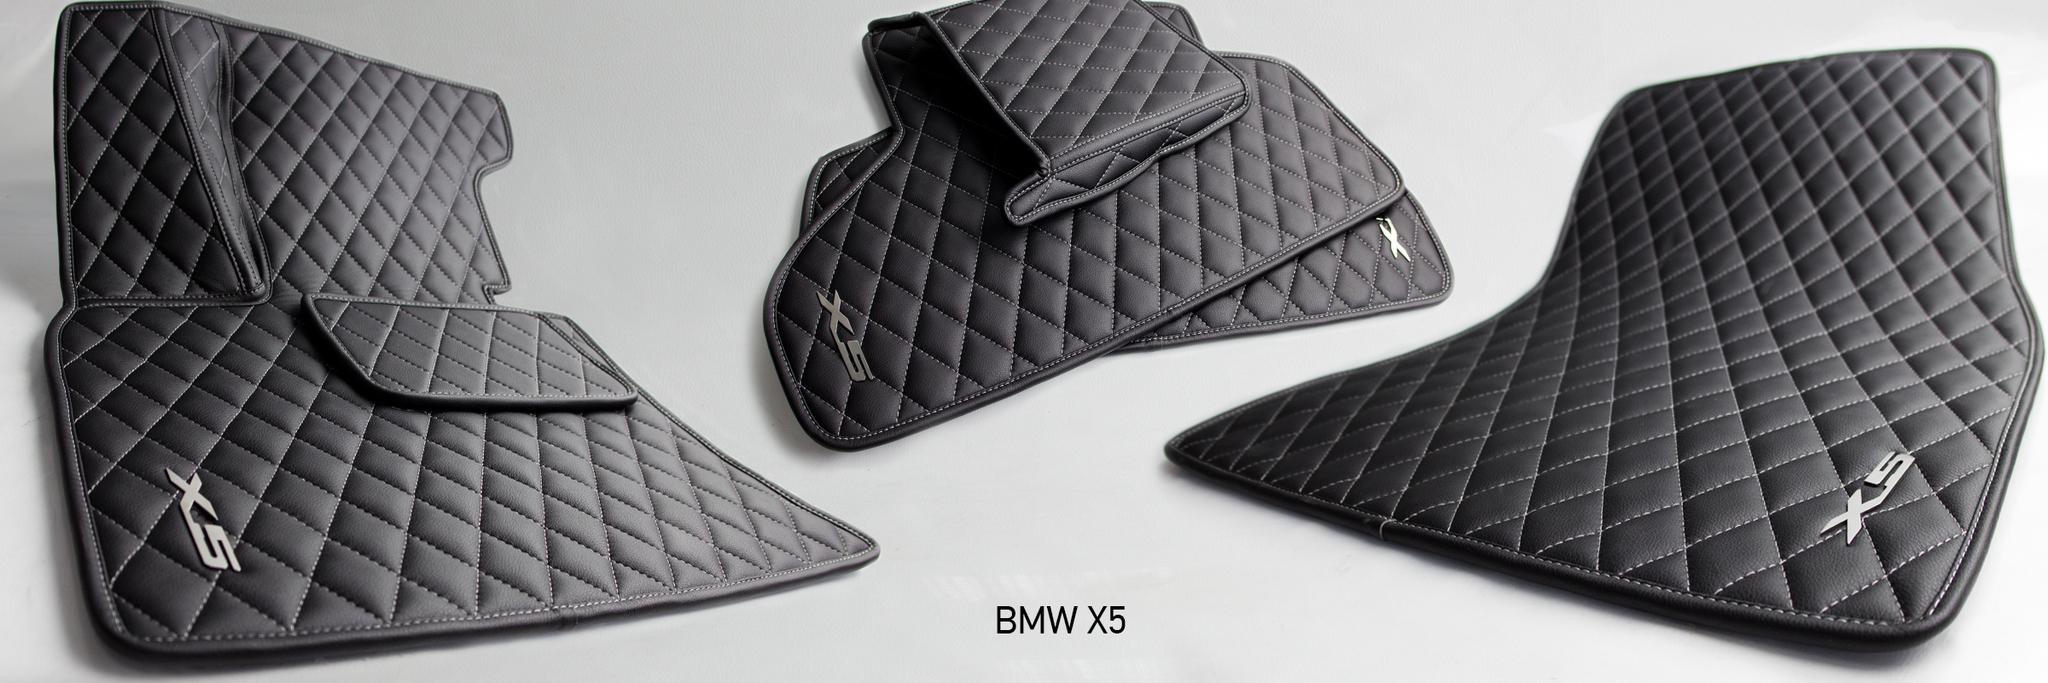 images-products-1-7893-232988373-BMW_X5DDA.jpg